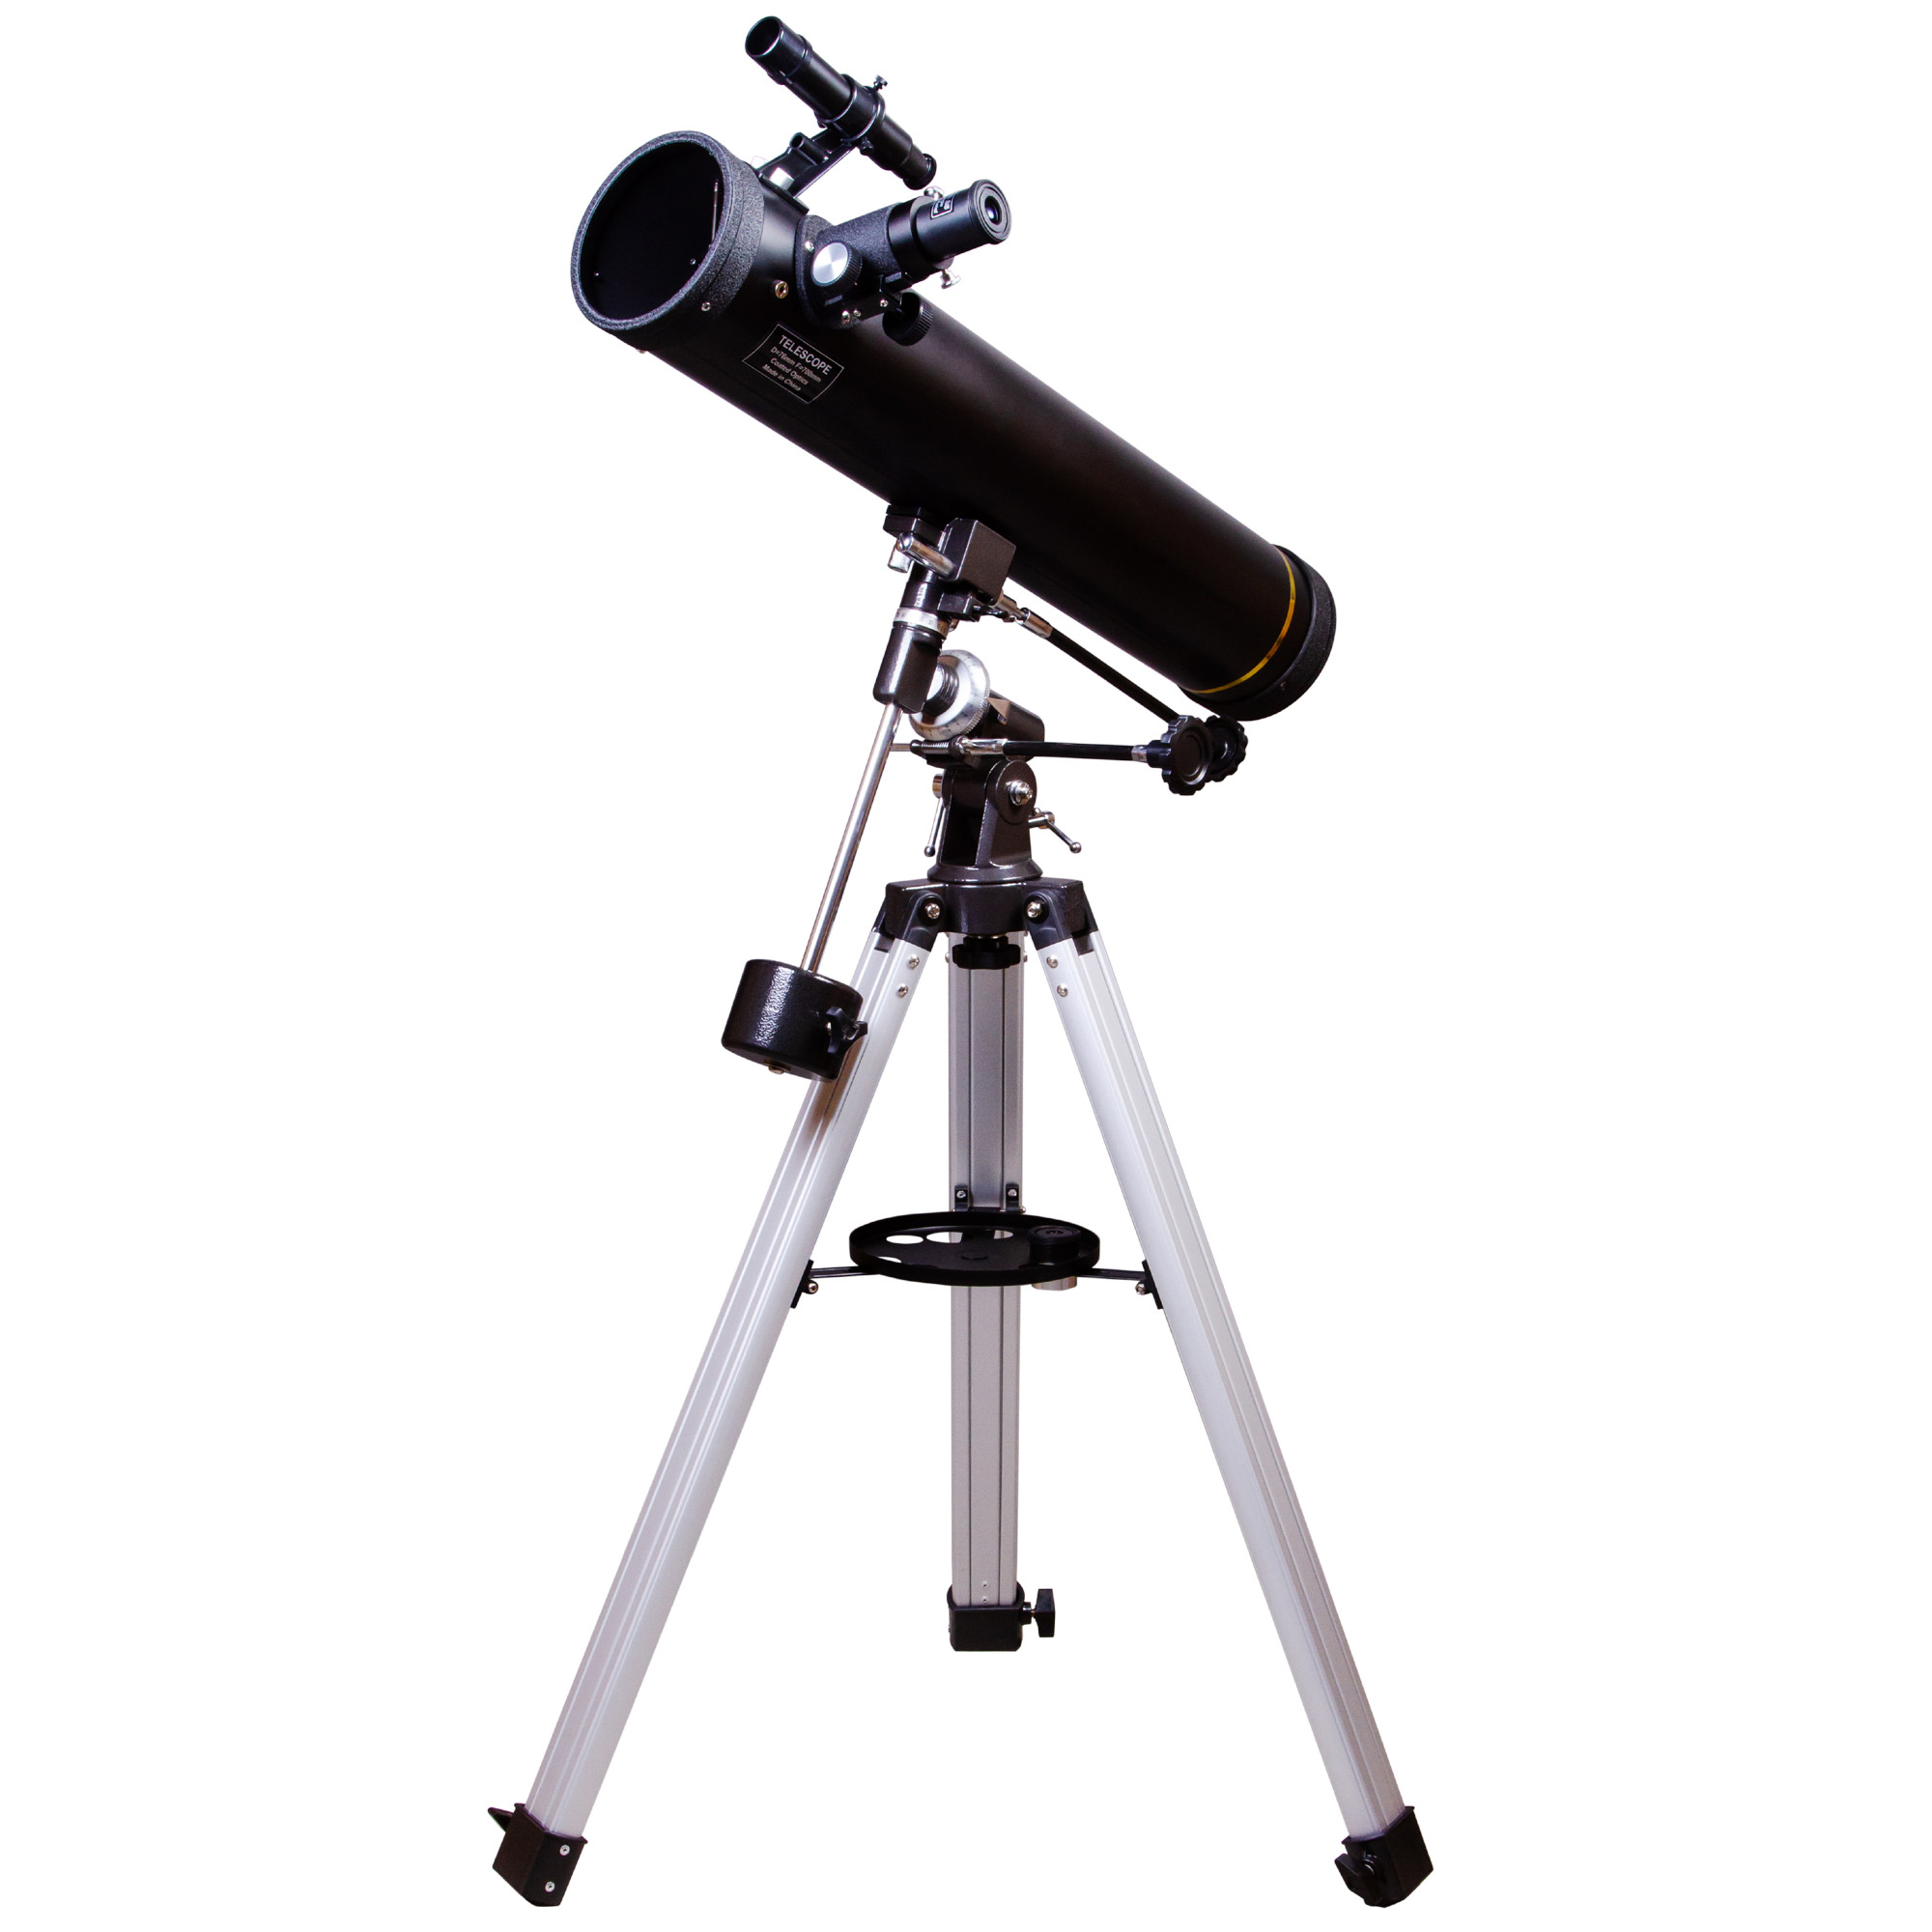 Фото - Телескоп Levenhuk Skyline PLUS 80S (+ Книга «Космос. Непустая пустота» в подарок!) телескоп bresser arcturus 60 700 az книга космос непустая пустота в подарок